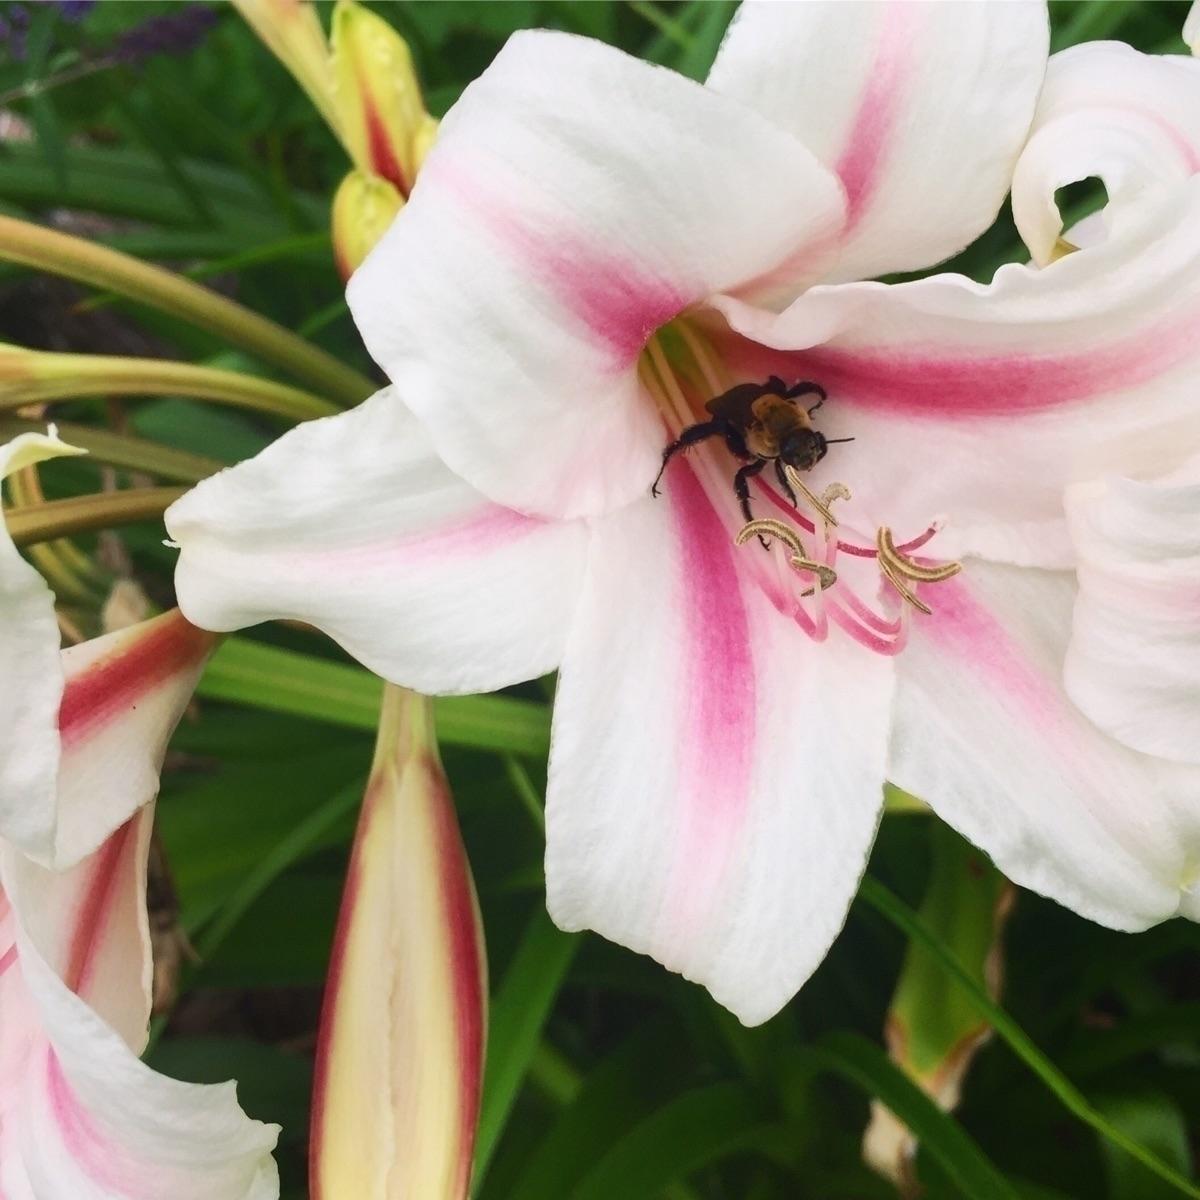 Stargazer Lily Pollinator - apothecary - savageapothecary | ello